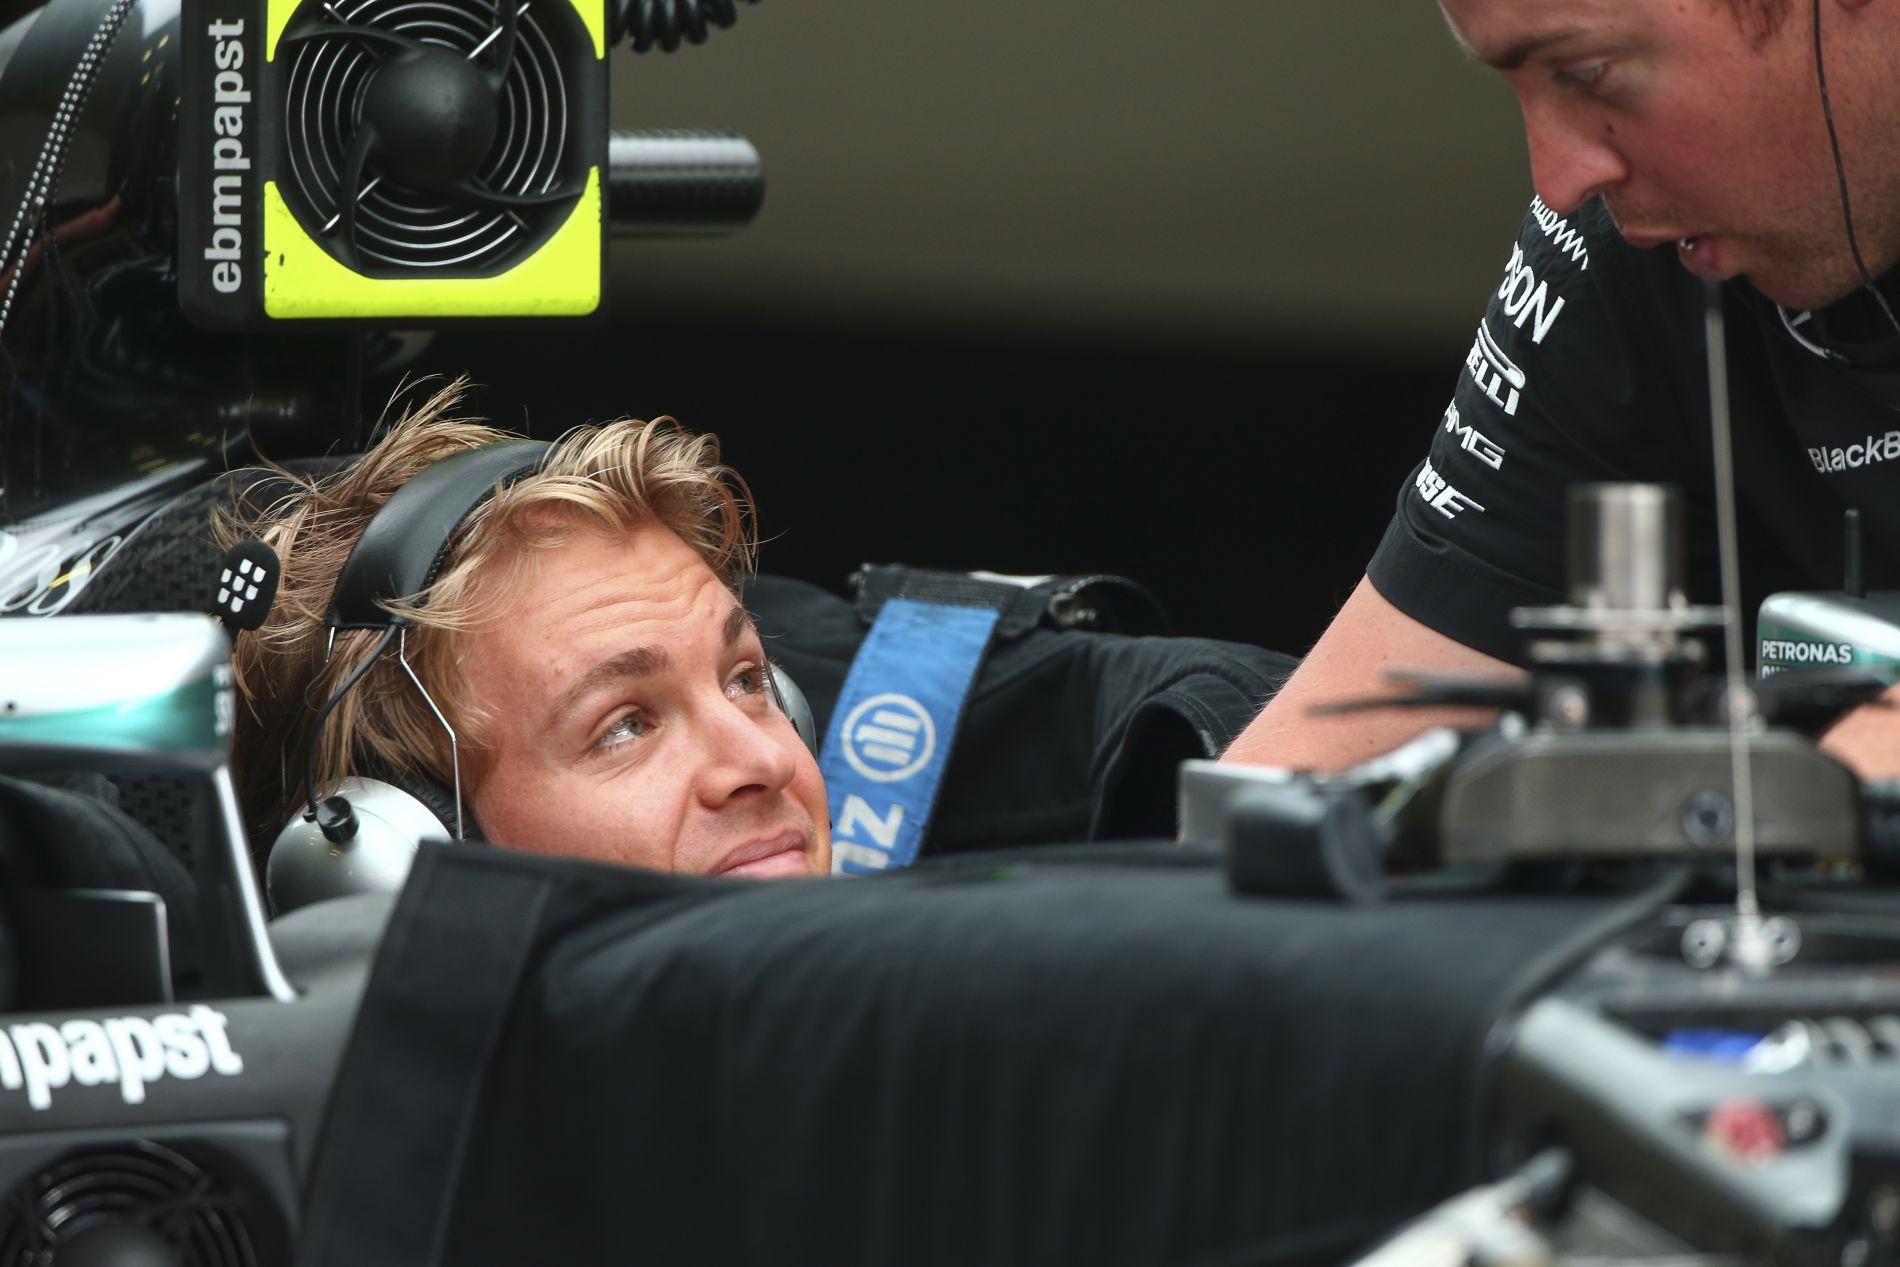 53 pont Hamilton és Rosberg között: nem fair viszonyítási alap